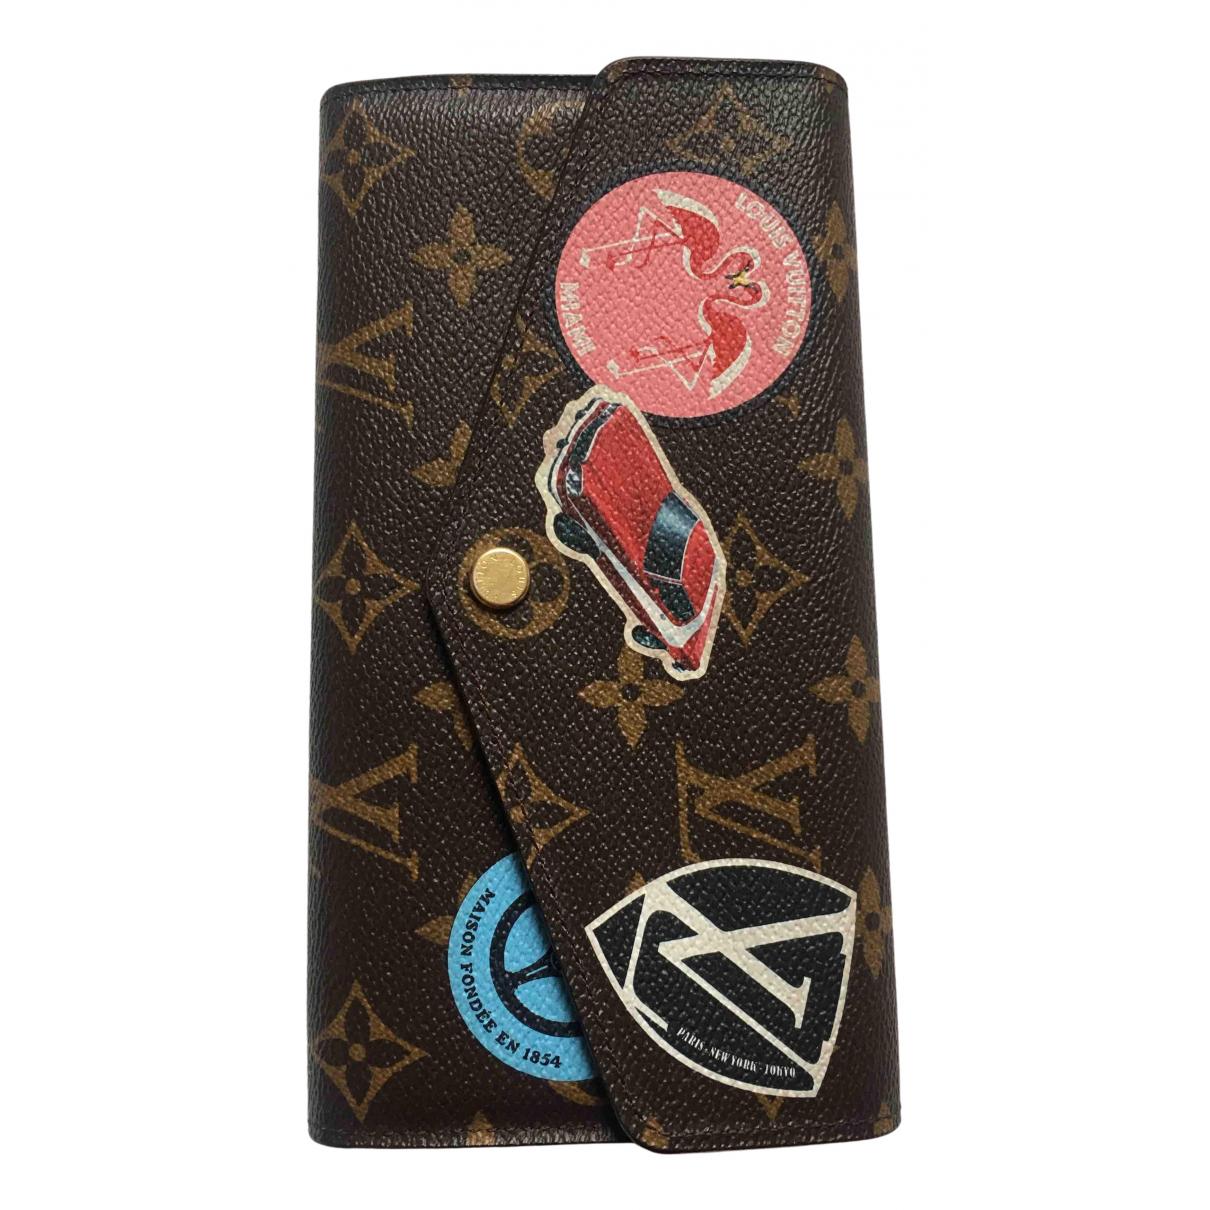 Louis Vuitton - Portefeuille Sarah pour femme en toile - multicolore